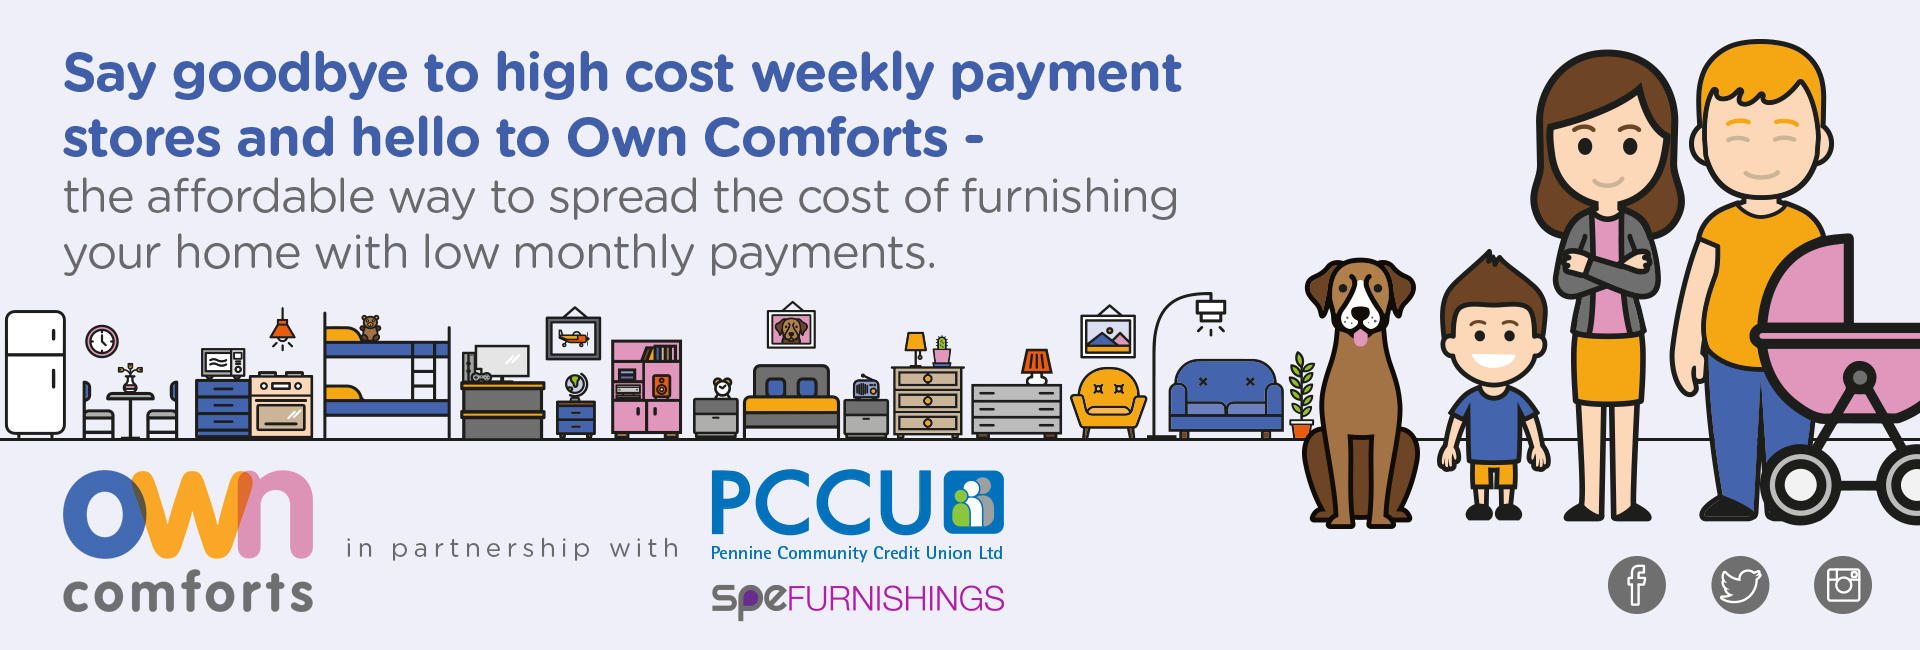 PCCU Own-Comforts